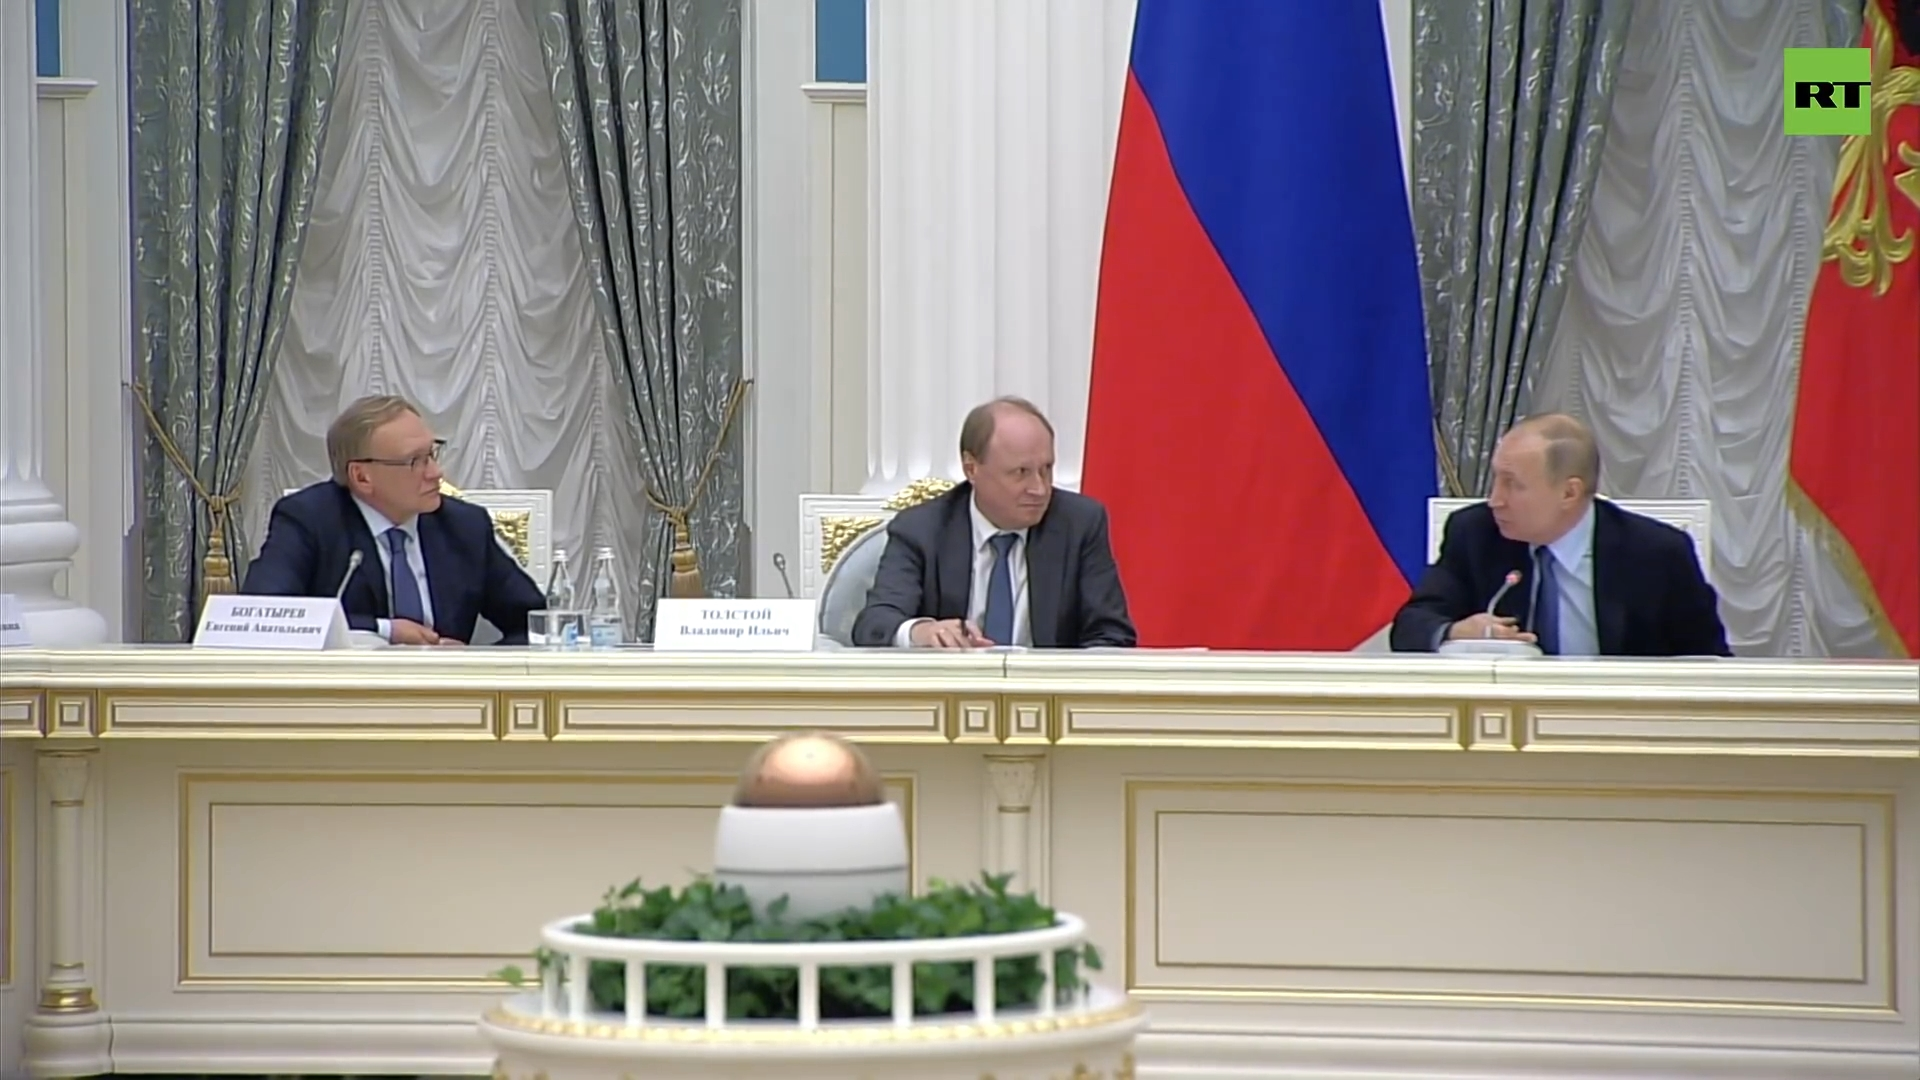 20191105-Путин на заседании совета по русскому языку в Кремле — LIVE-pic01